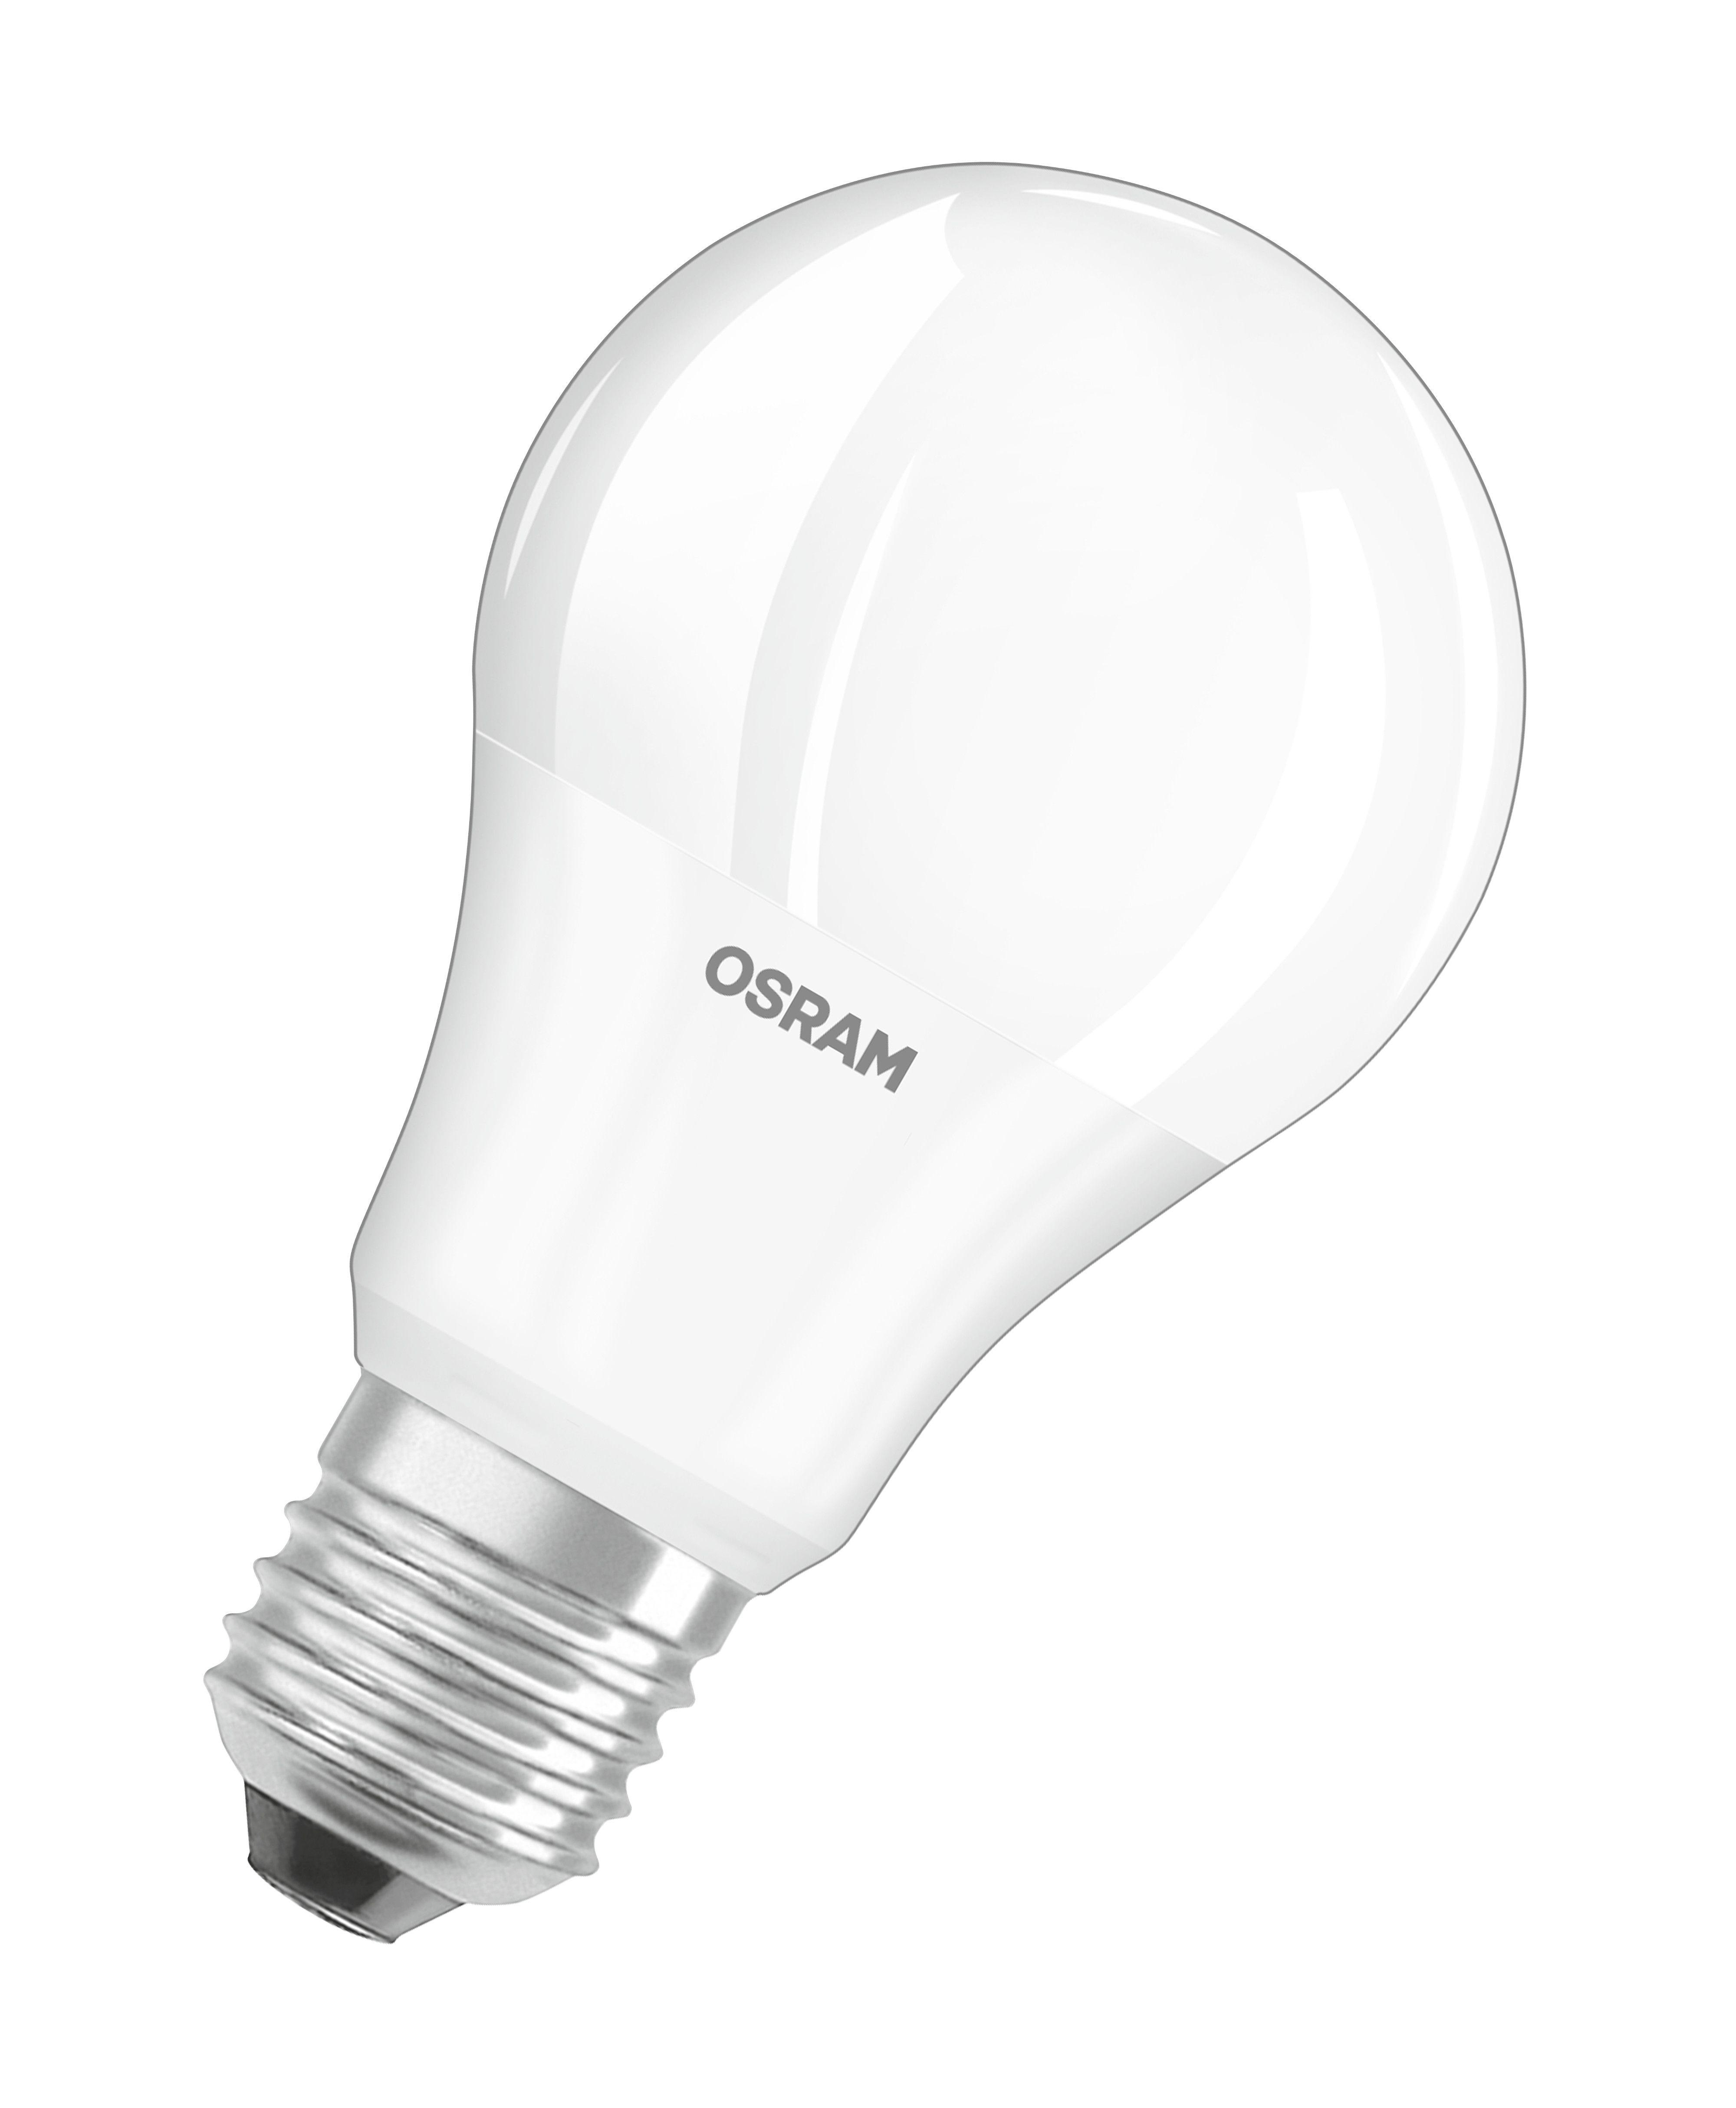 Купить Лампа светодиодная Osram LS CLA40 6W/827 230VFR E27 10X1 RU Osram теплый-белый, Osram Ledvance